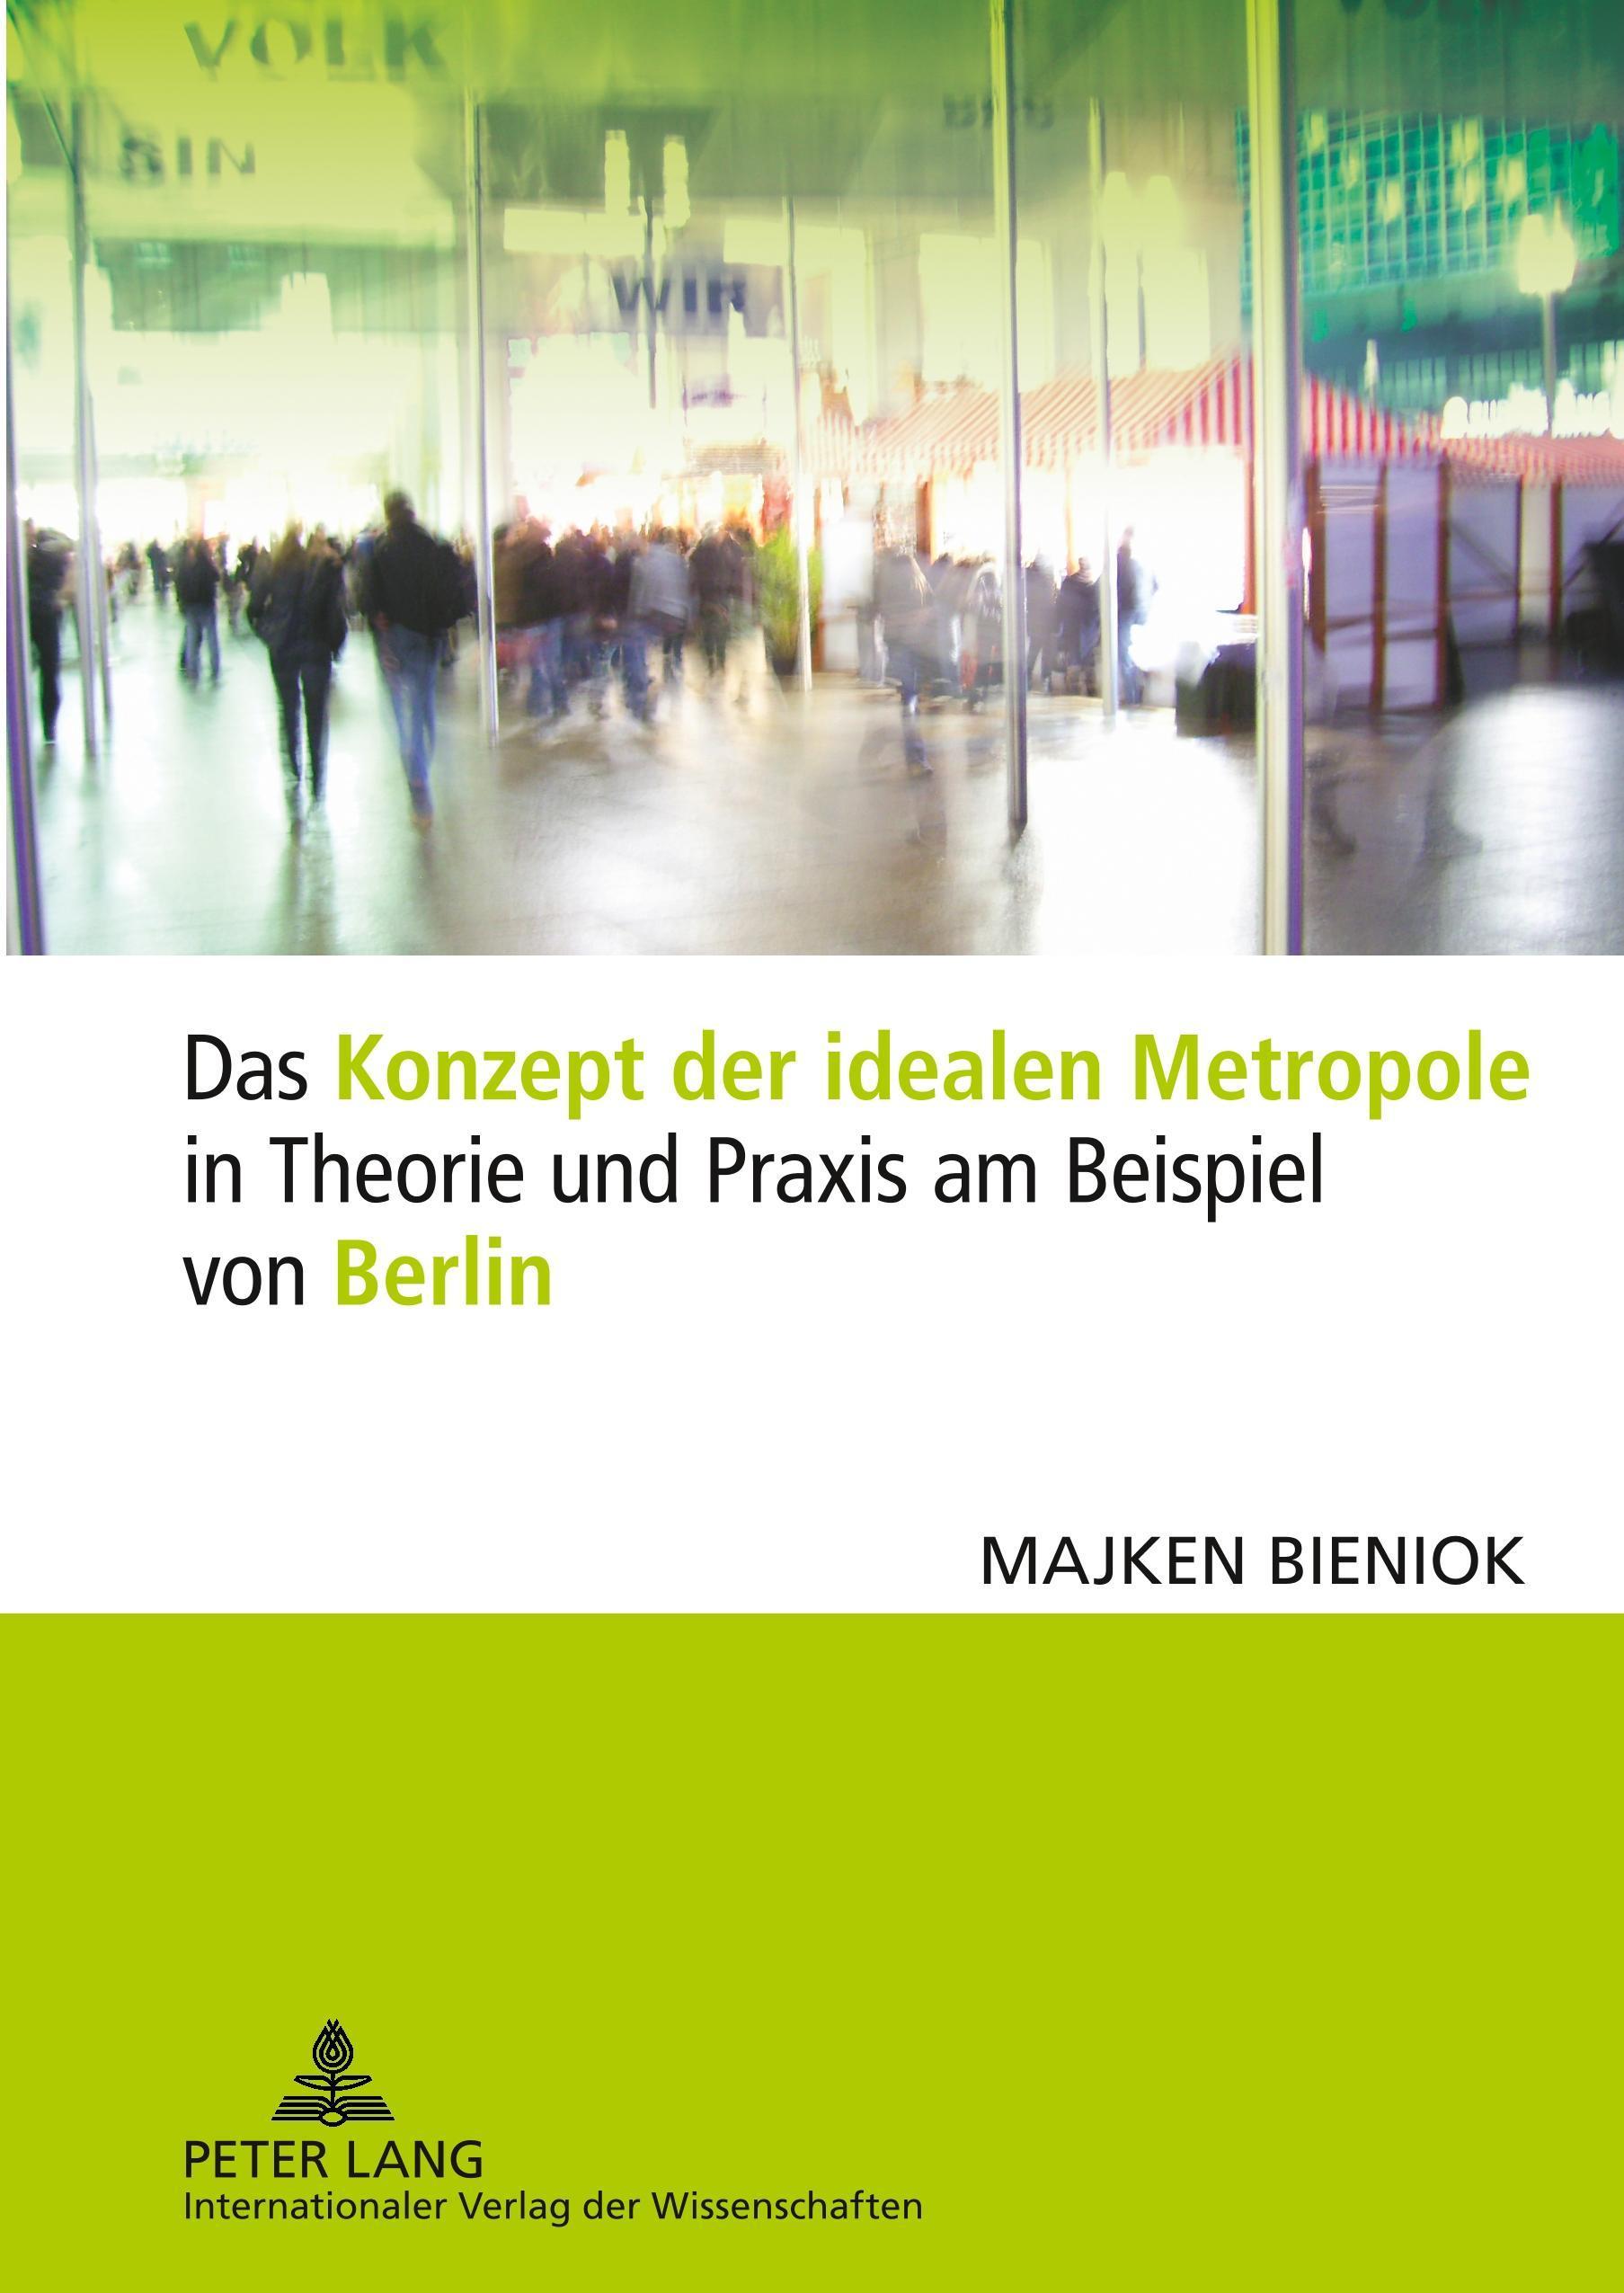 Das-Konzept-der-idealen-Metropole-in-Theorie-und-Praxis-am-Beispiel-von-Ber